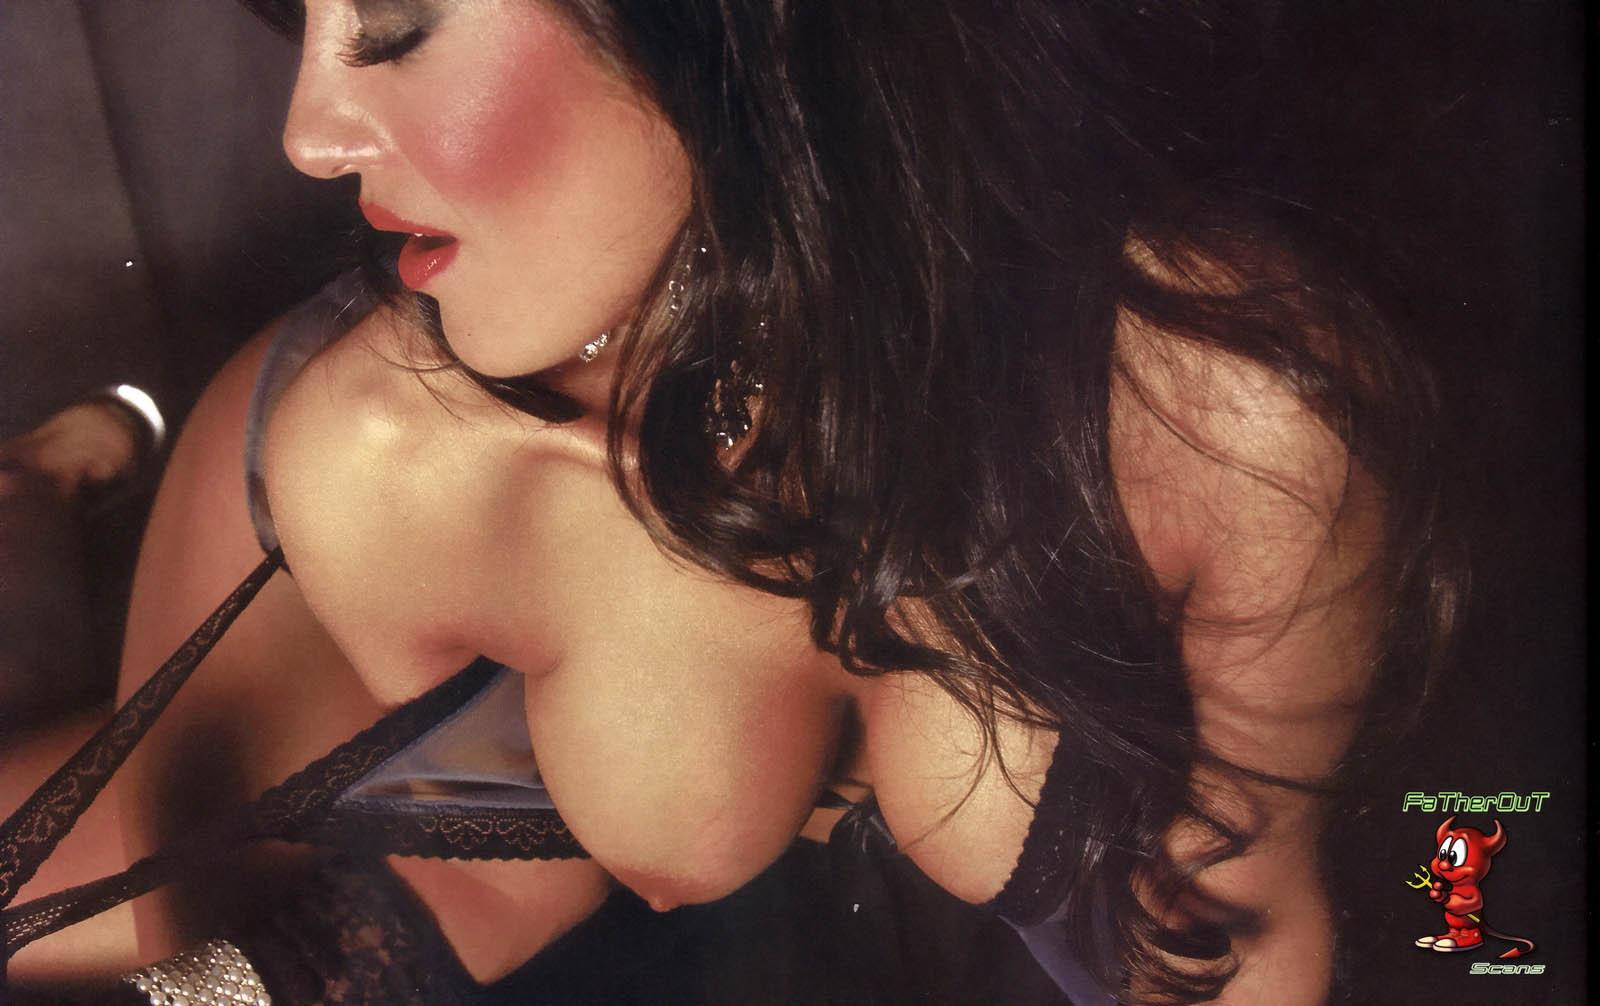 http://2.bp.blogspot.com/_2DrwKI9DpLs/TRqVsXNCxLI/AAAAAAAAAr8/6irb8R4_R20/s1600/88254_Silvina-Escudero-02L2-Playboy-jun-2009_123_134lo.jpg